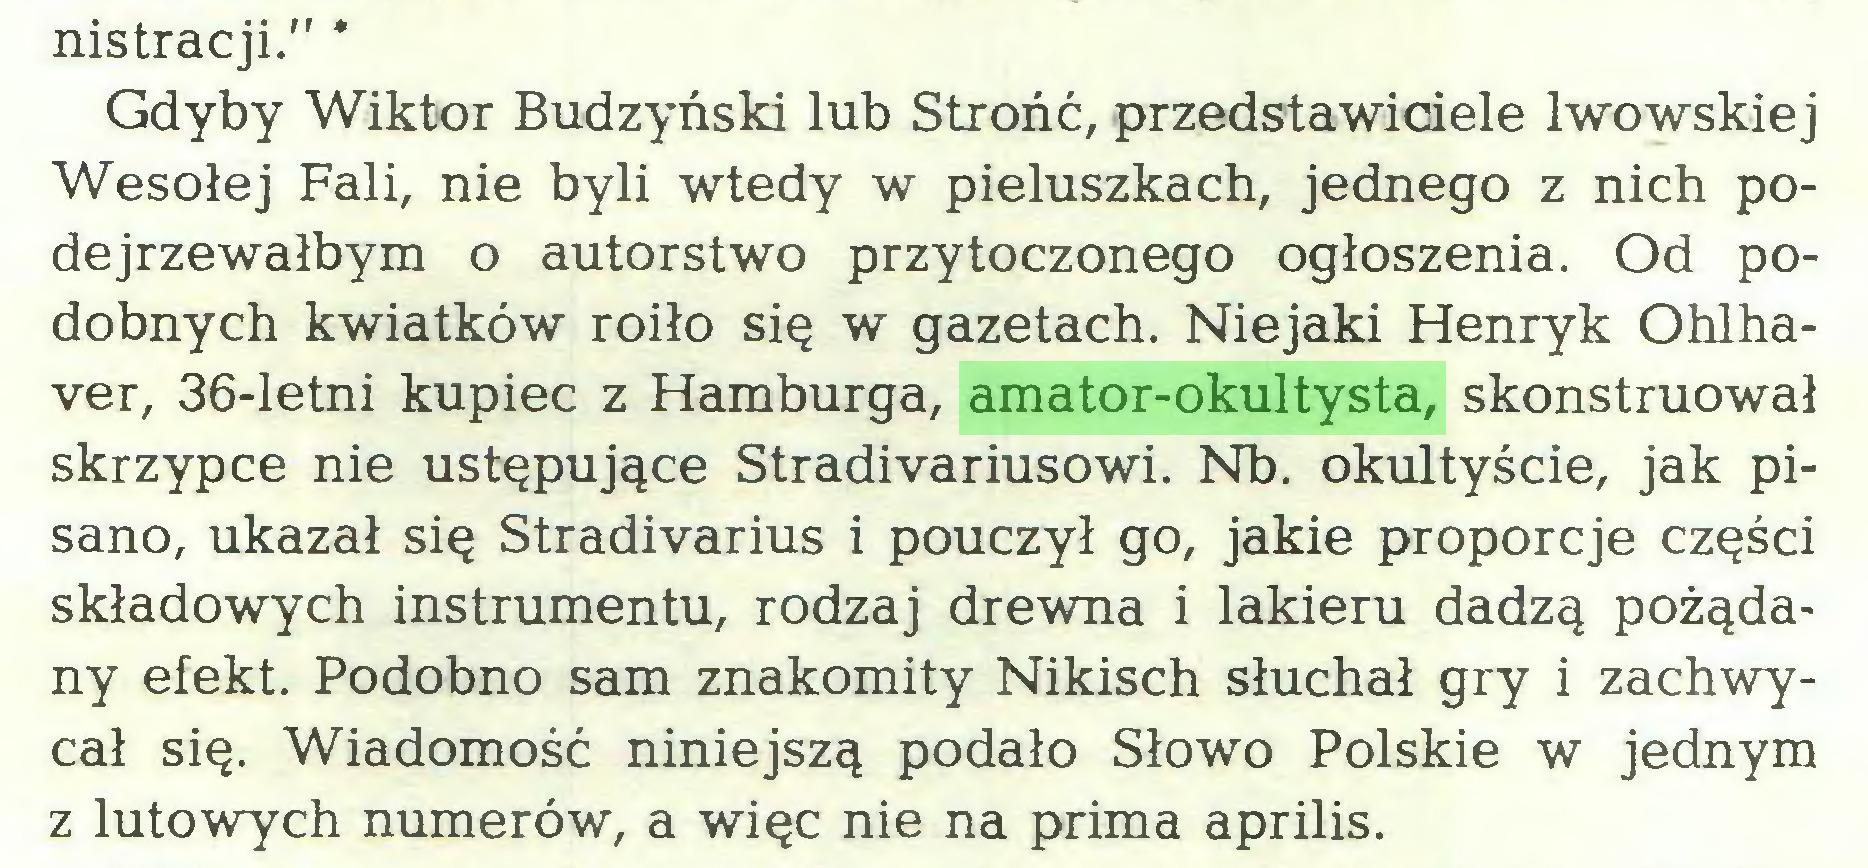 """(...) nistracji."""" * Gdyby Wiktor Budzyński lub Strońć, przedstawiciele lwowskiej Wesołej Fali, nie byli wtedy w pieluszkach, jednego z nich podejrzewałbym o autorstwo przytoczonego ogłoszenia. Od podobnych kwiatków roiło się w gazetach. Niejaki Henryk Ohlhaver, 36-letni kupiec z Hamburga, amator-okultysta, skonstruował skrzypce nie ustępujące Stradivariusowi. Nb. okultyście, jak pisano, ukazał się Stradivarius i pouczył go, jakie proporcje części składowych instrumentu, rodzaj drewna i lakieru dadzą pożądany efekt. Podobno sam znakomity Nikisch słuchał gry i zachwycał się. Wiadomość niniejszą podało Słowo Polskie w jednym z lutowych numerów, a więc nie na prima aprilis..."""